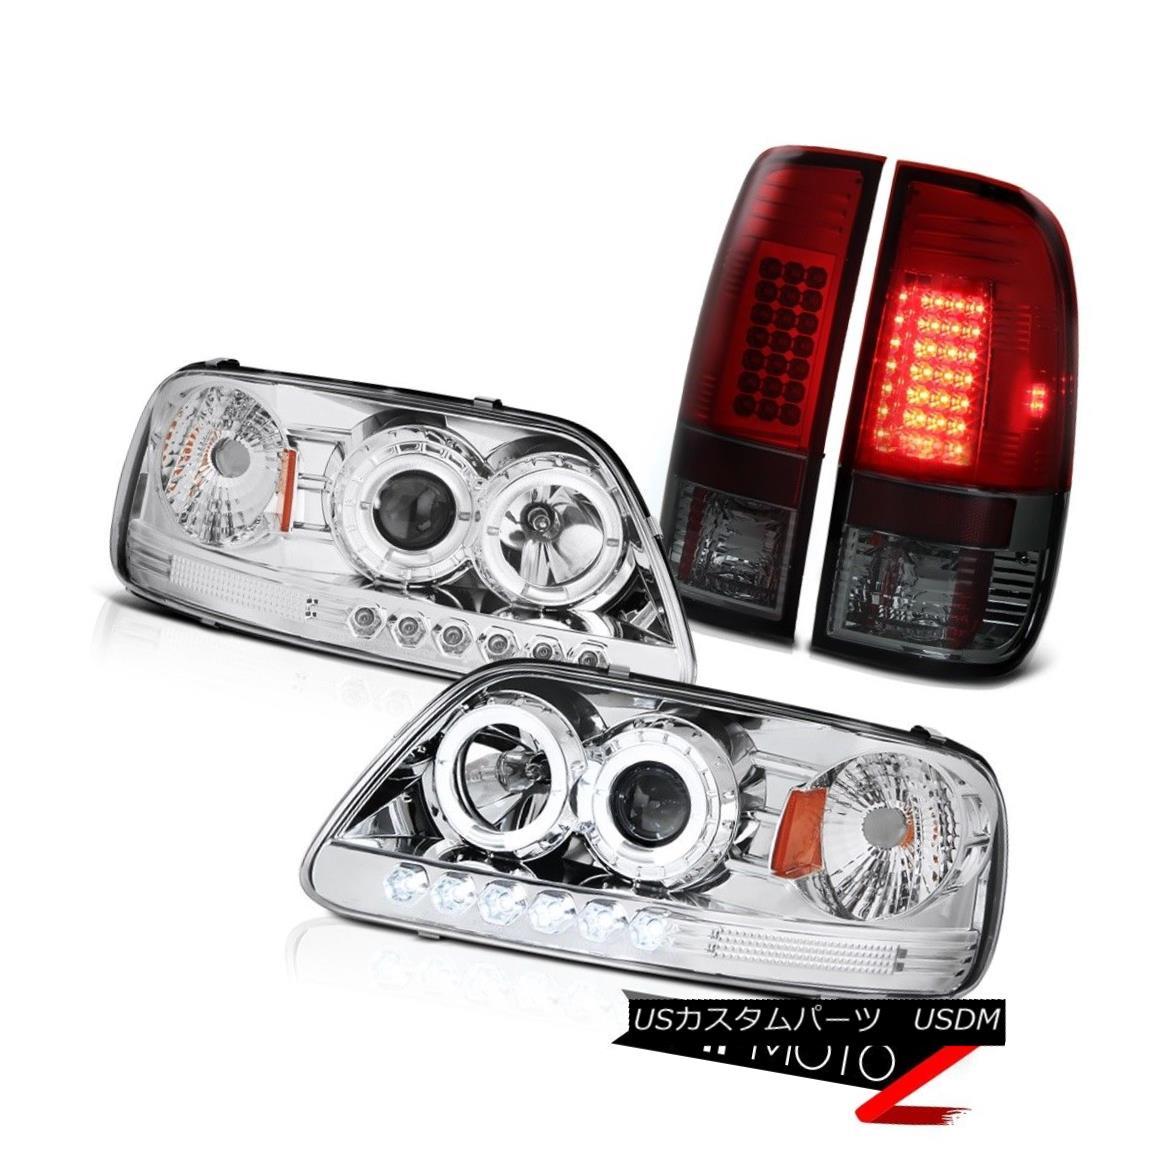 テールライト F150 XL 97-03 Headlight Chrome Halo DRL LED Bulbs Tail Light Lamp Set Smokey Red F150 XL 97-03ヘッドライトクロームハローDRL LED電球テールライトランプセットスモーキーレッド